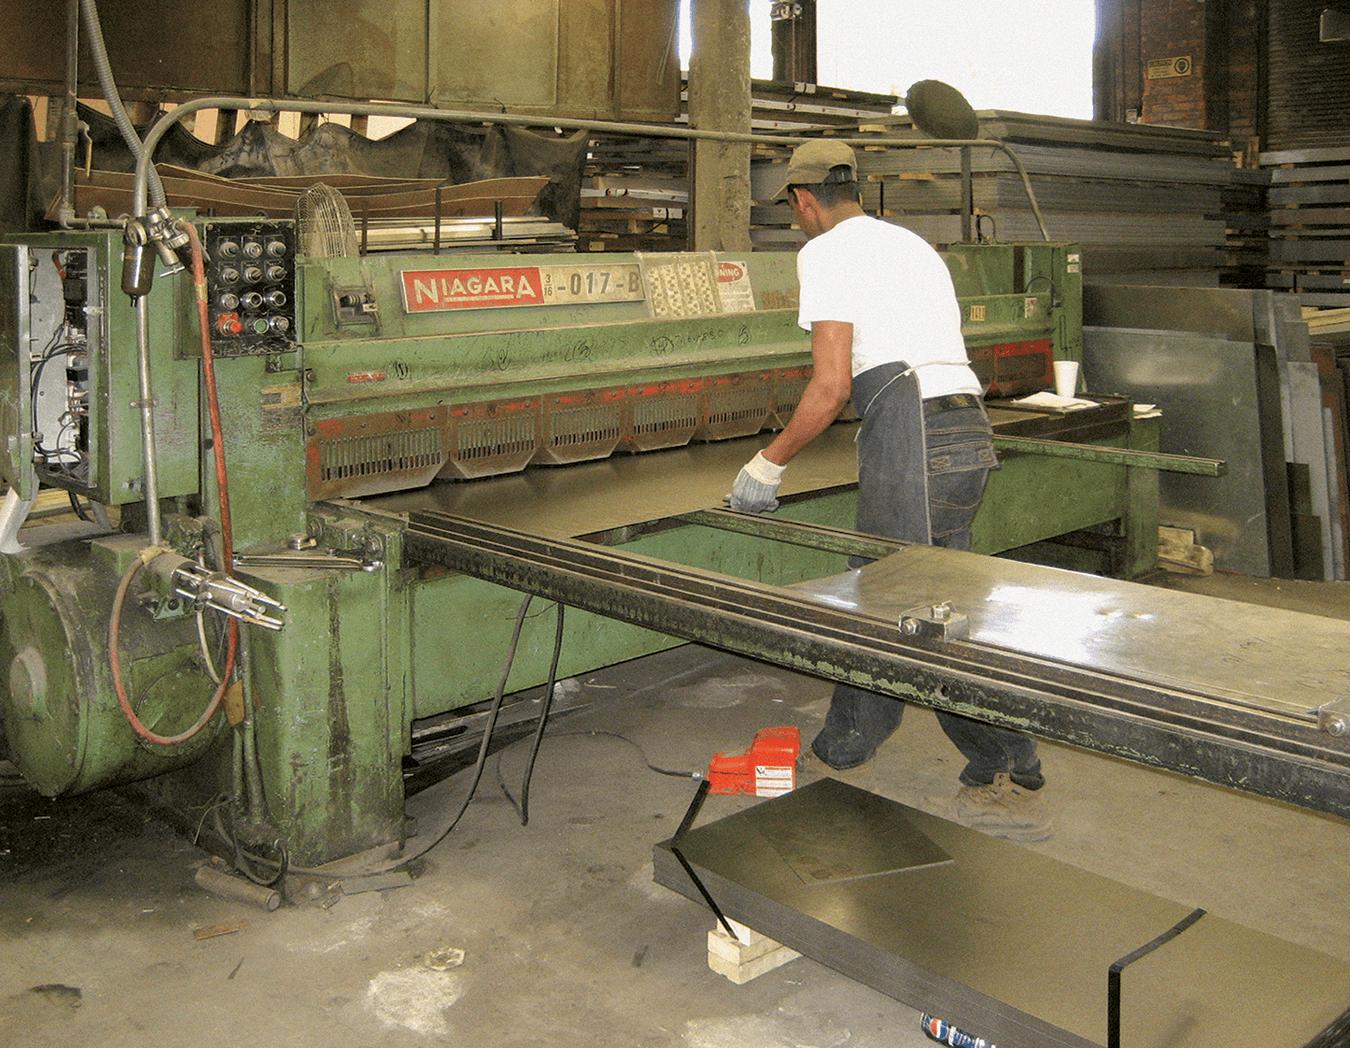 Man working, using a metal stamping machine.